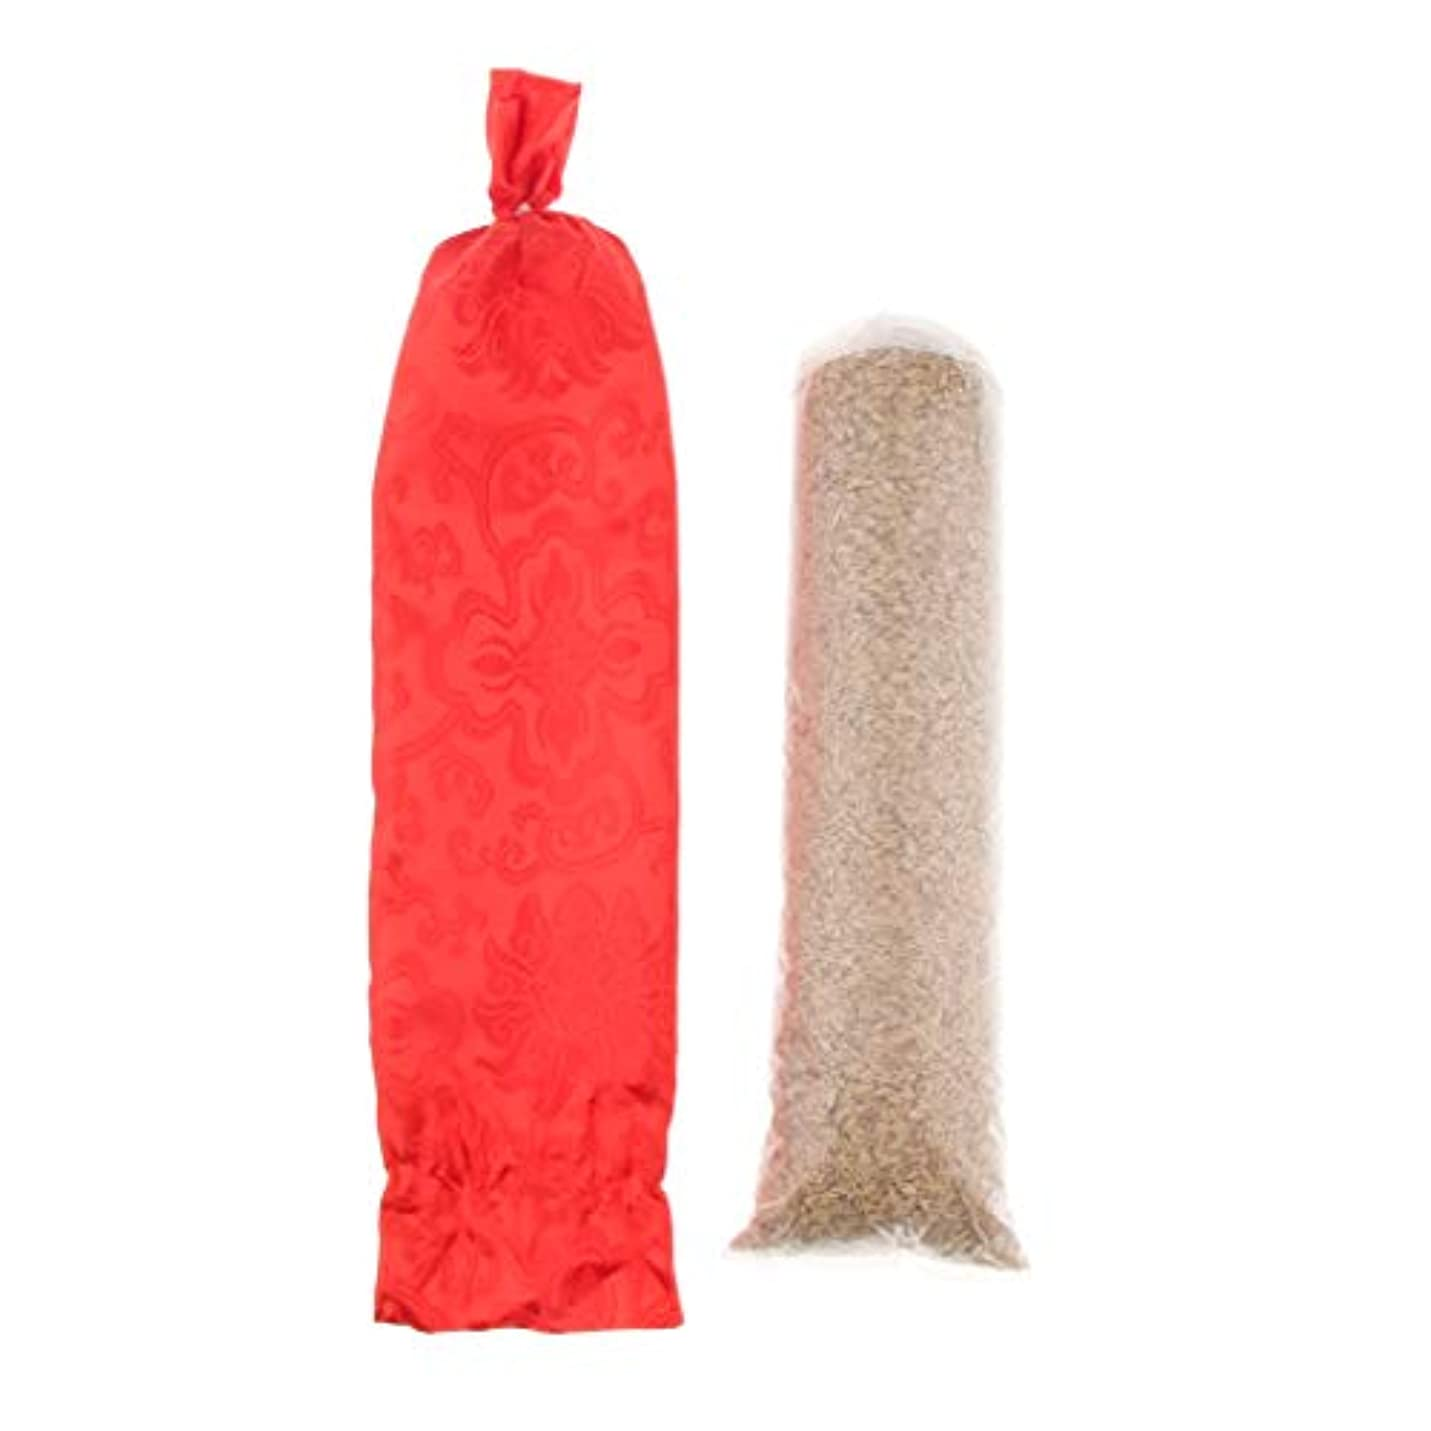 意欲そんなにカートラウンド 頚部枕 ロール枕 洗濯可能なカバー サポートピロー